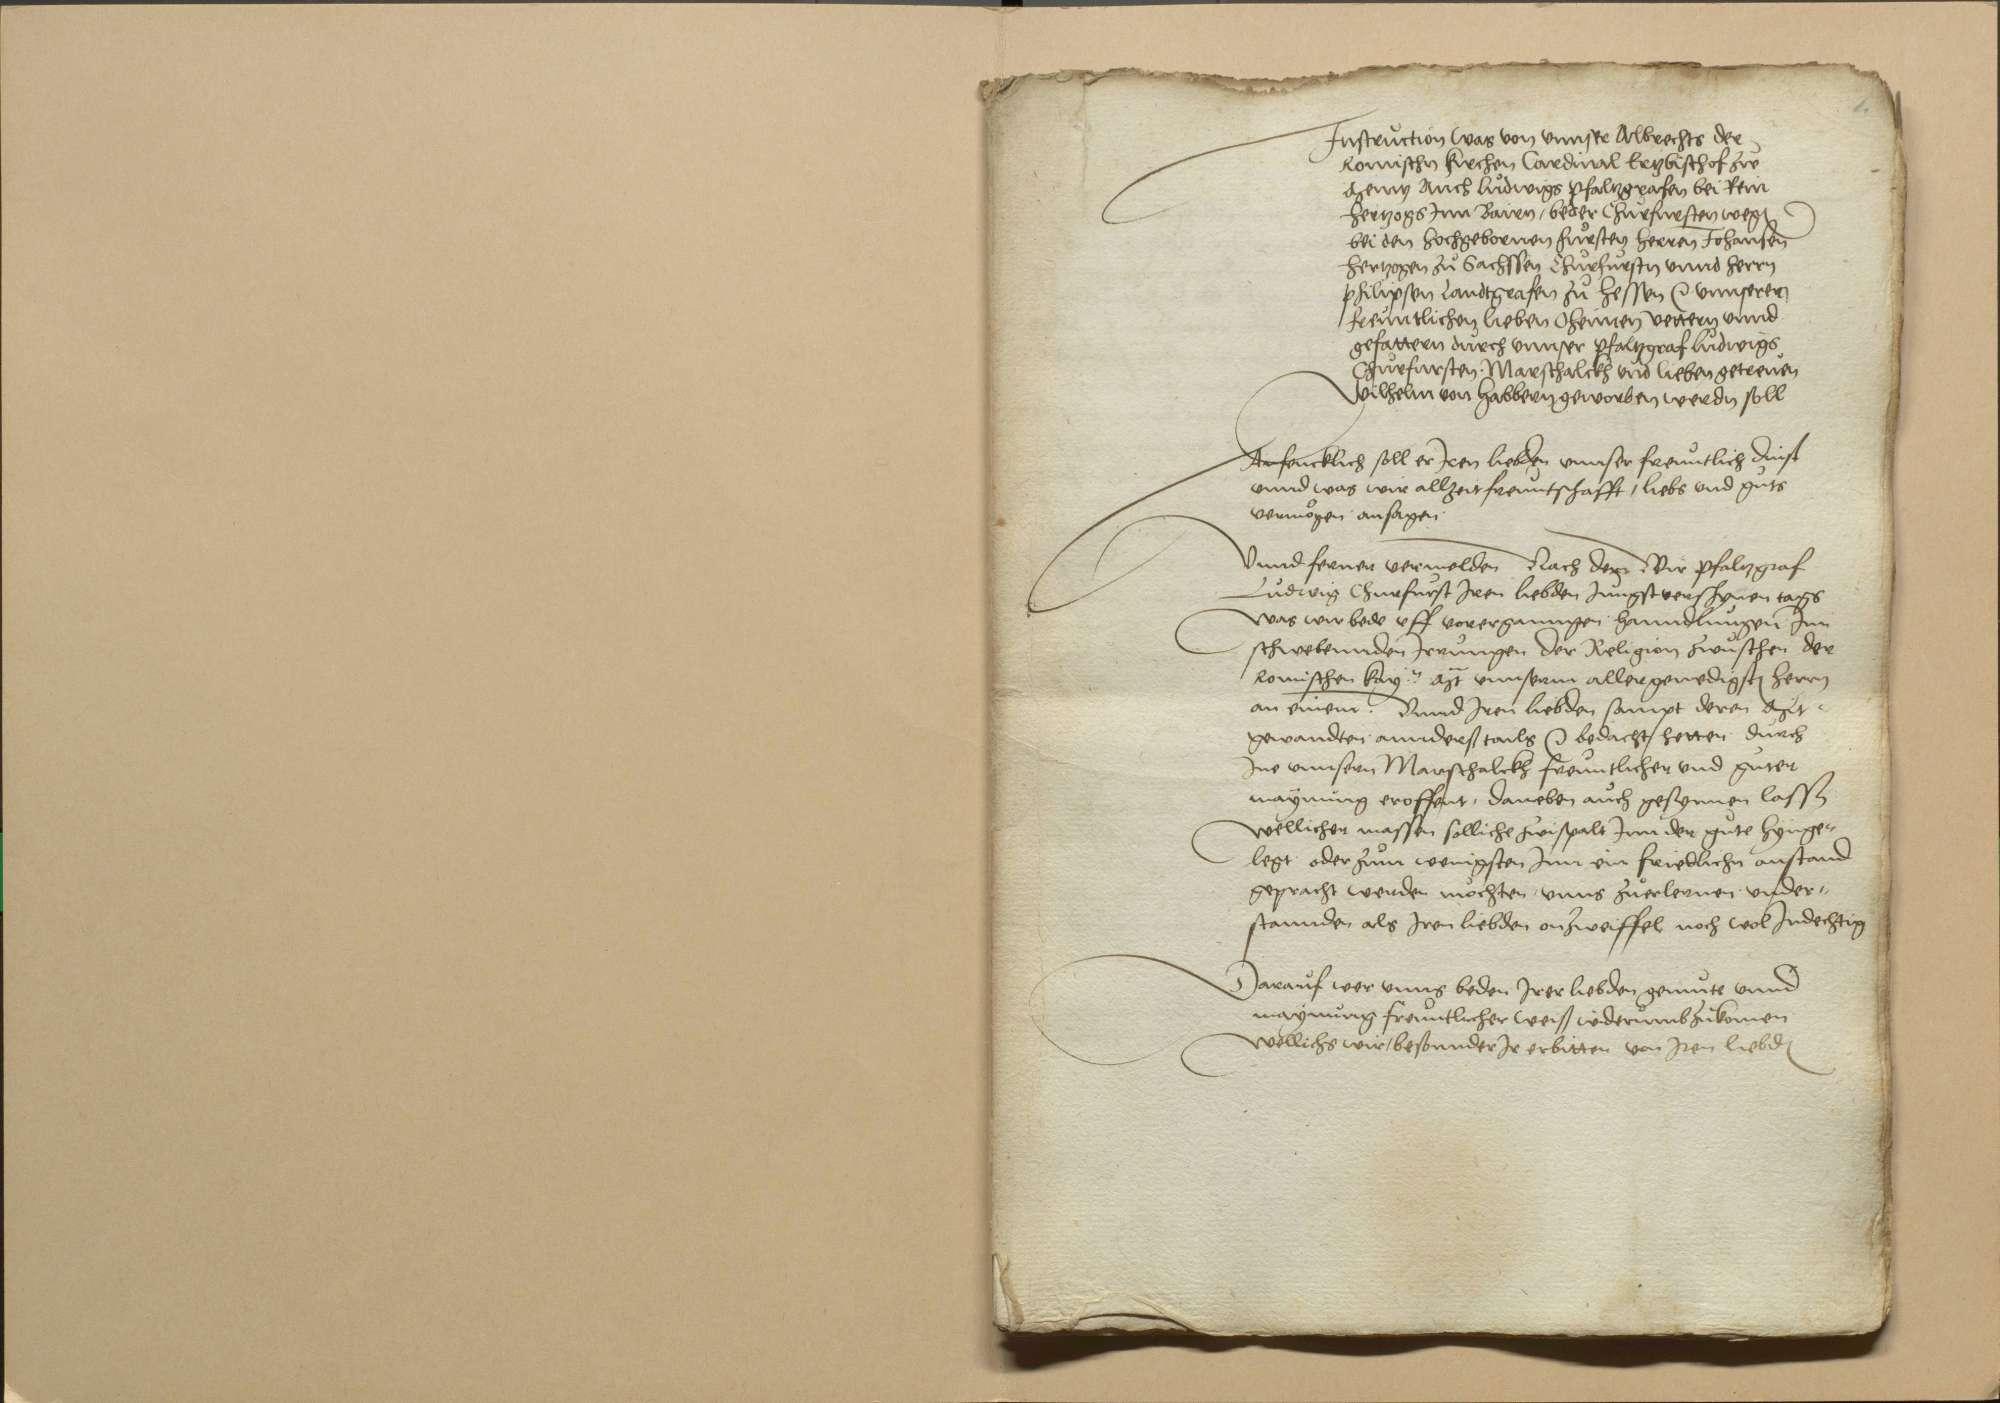 Zusammenkunft der protestantischen Stände und der beiden katholischen Kurfürsten Mainz und Pfalz zu Schweinfurt am Ostertag (am 31. März) 1532 wegen gütlicher Auseinandersetzung der Religionsstreitigkeiten, Bild 3